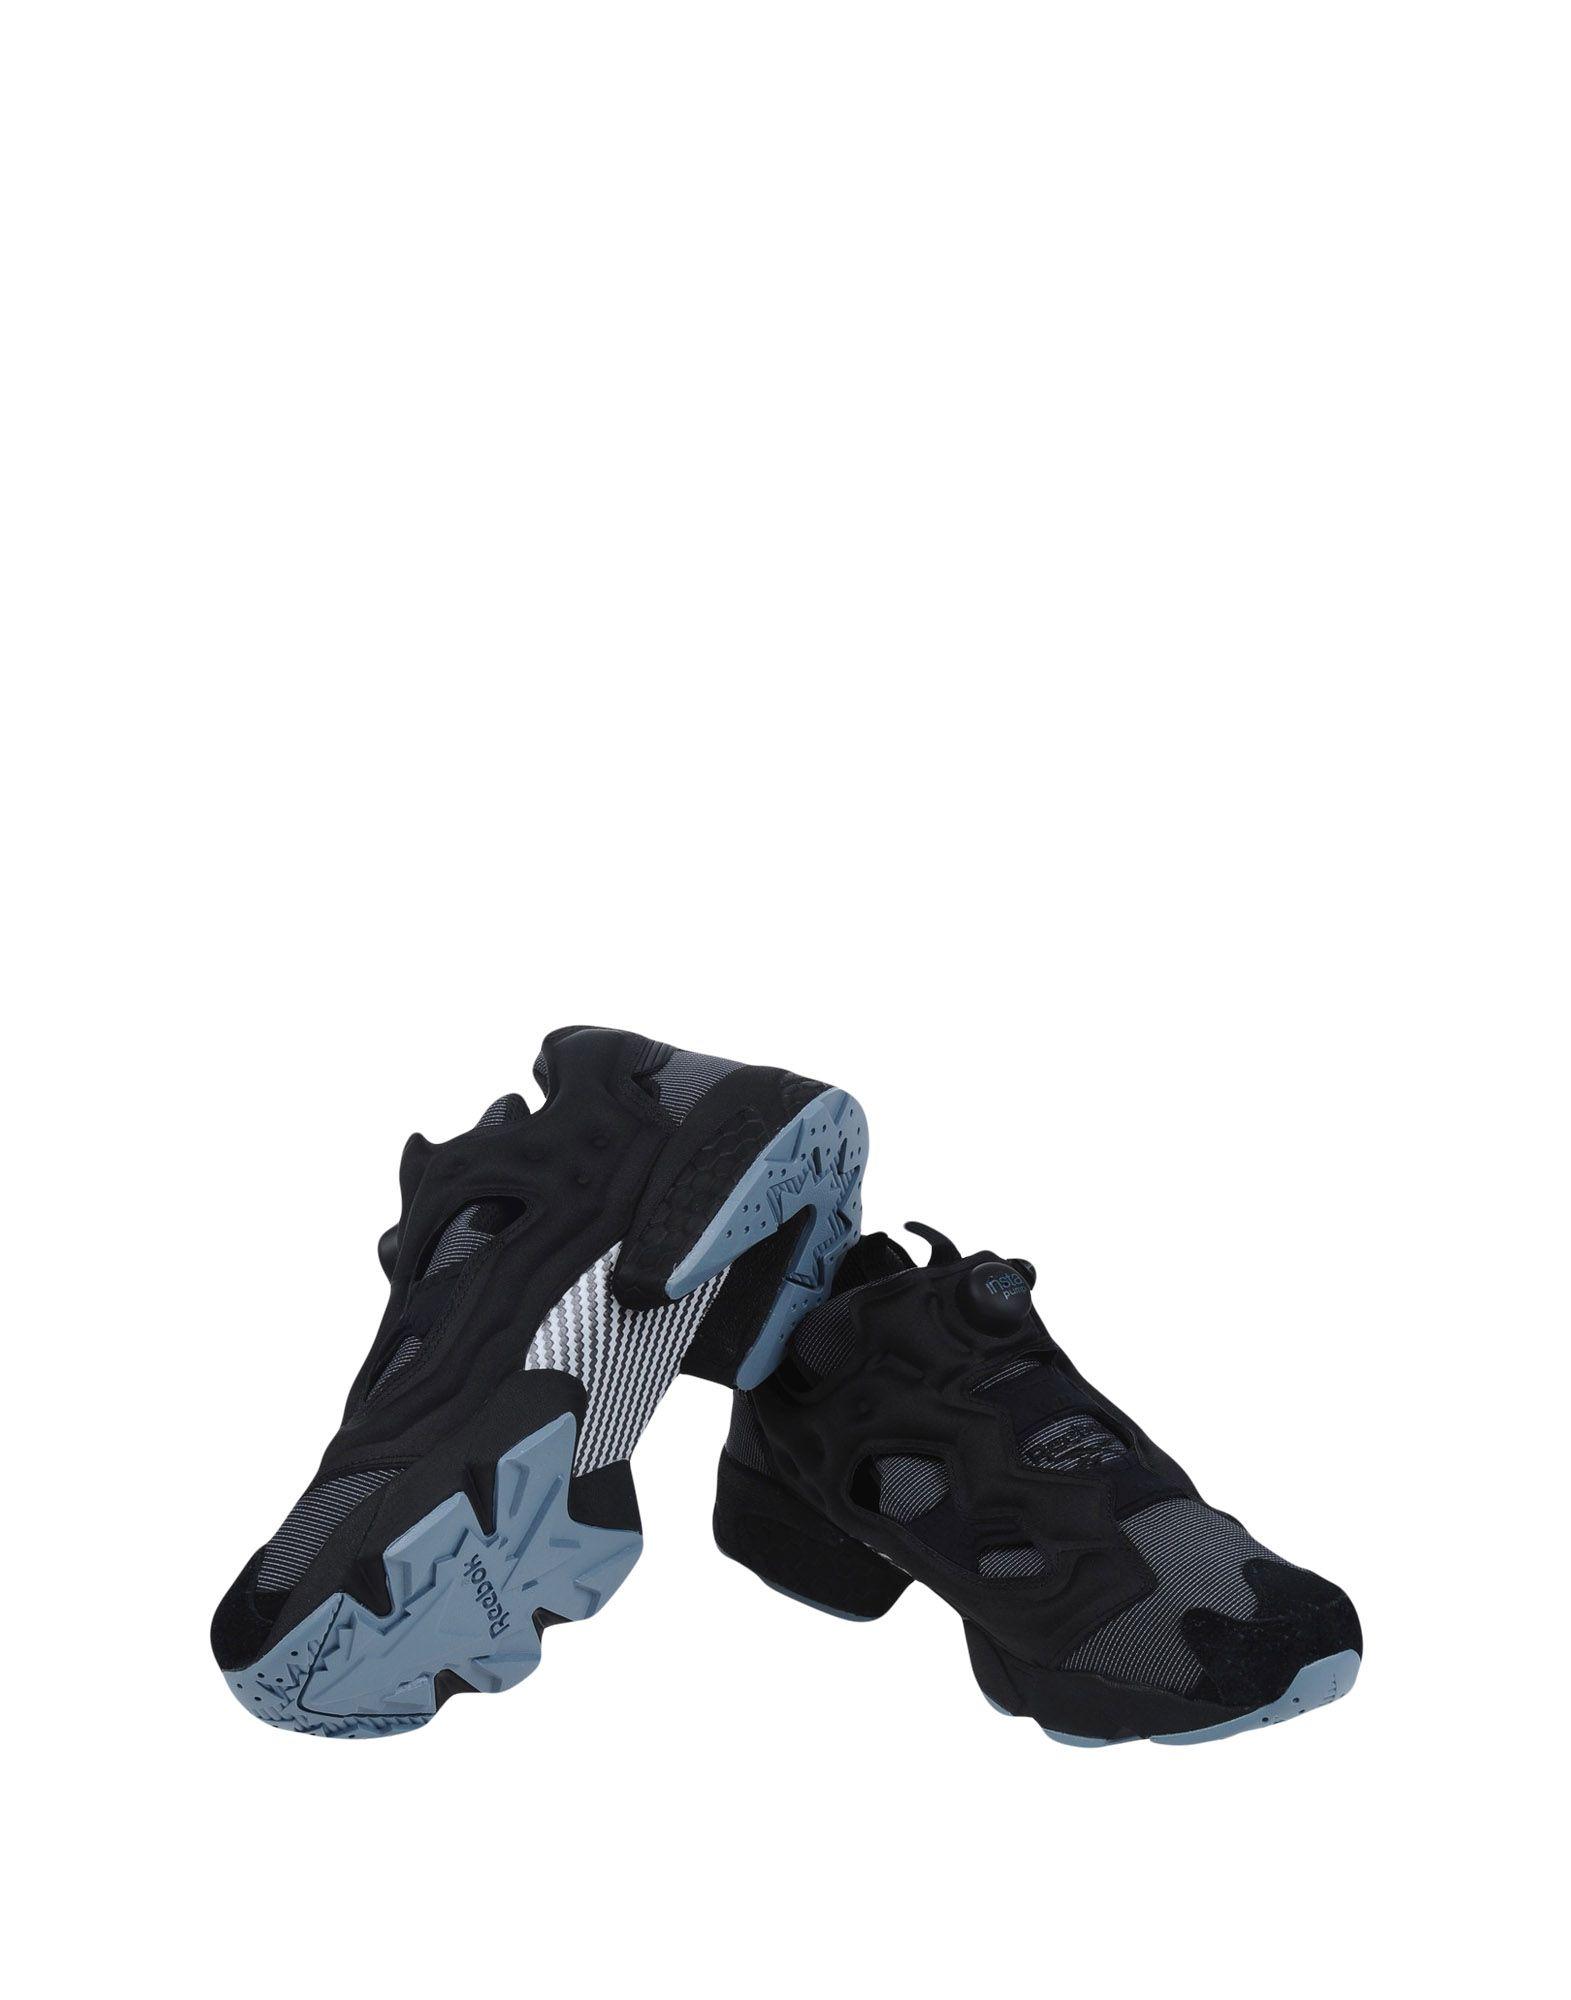 《送料無料》REEBOK メンズ スニーカー&テニスシューズ(ローカット) ブラック 10.5 紡績繊維 INSTAPUMP FURY MTP